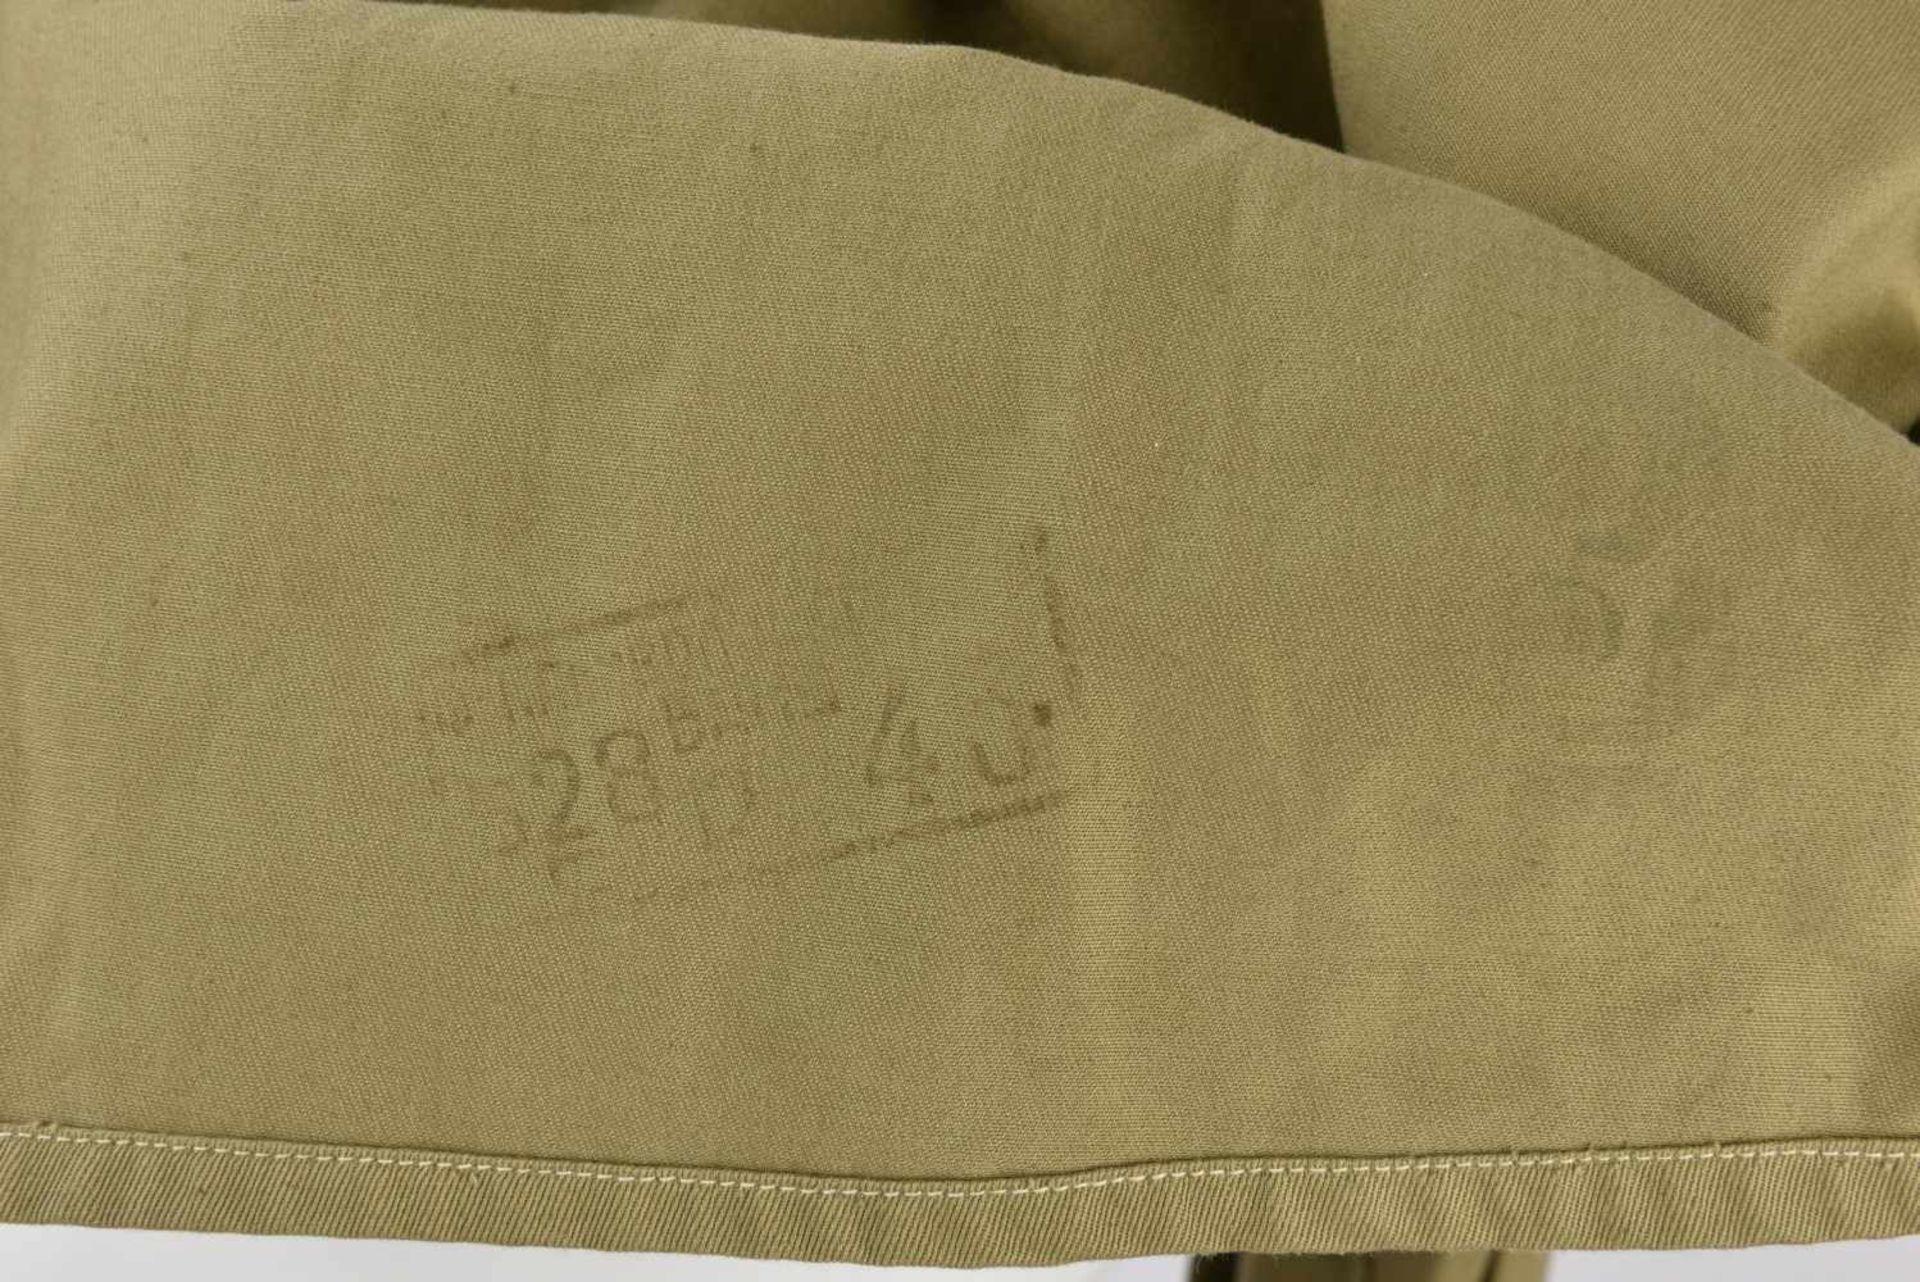 Gymnasterka M.43, modèle sans poches de poitrine Datée 1943, très belle, quelques taches sur le - Bild 2 aus 4